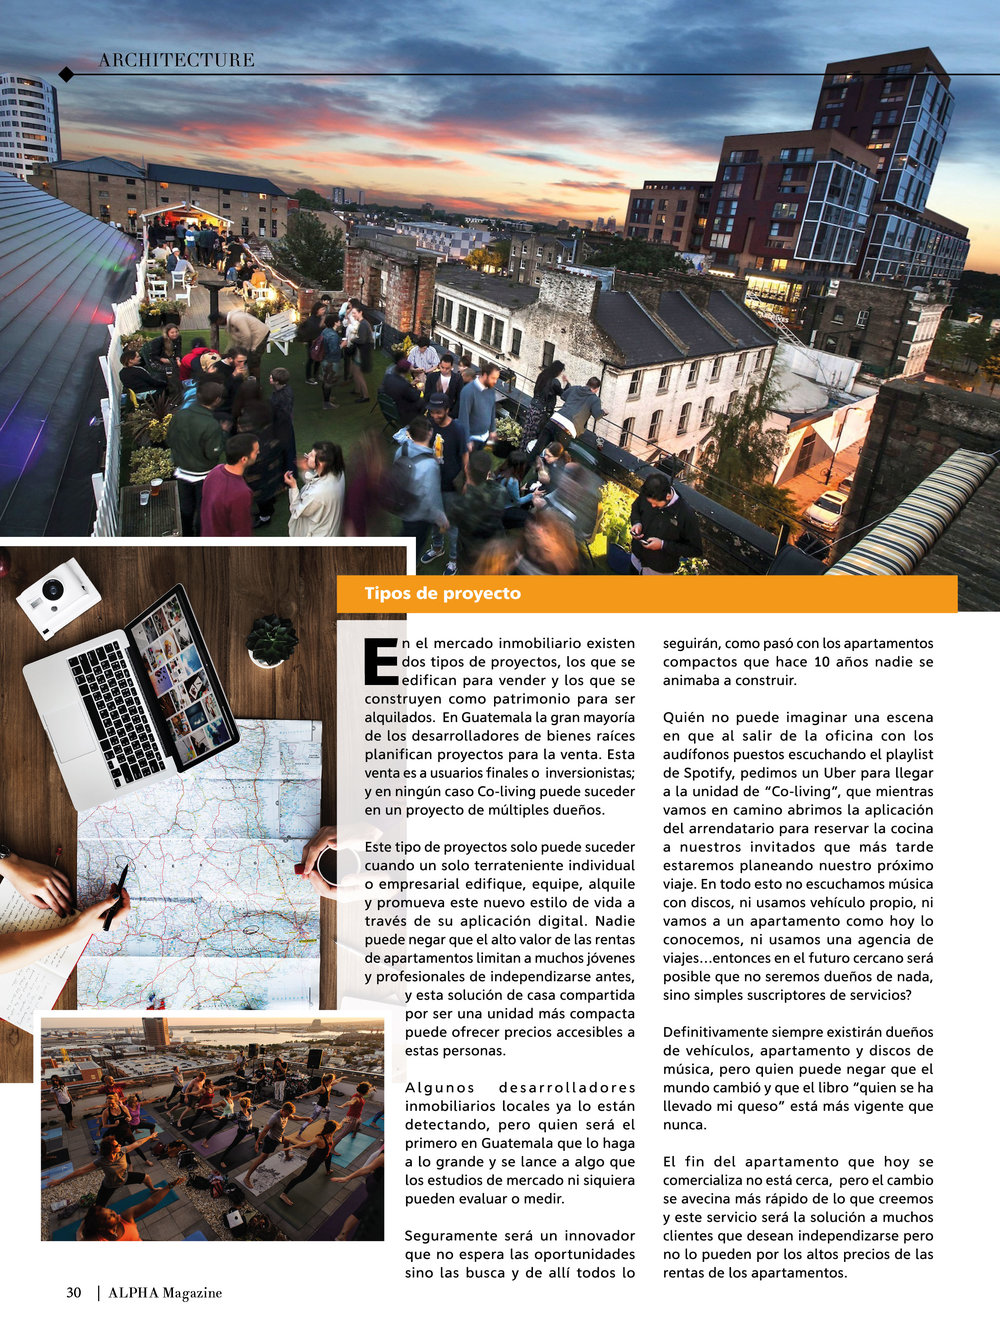 ALPHA Magazine Edición 0330.jpg